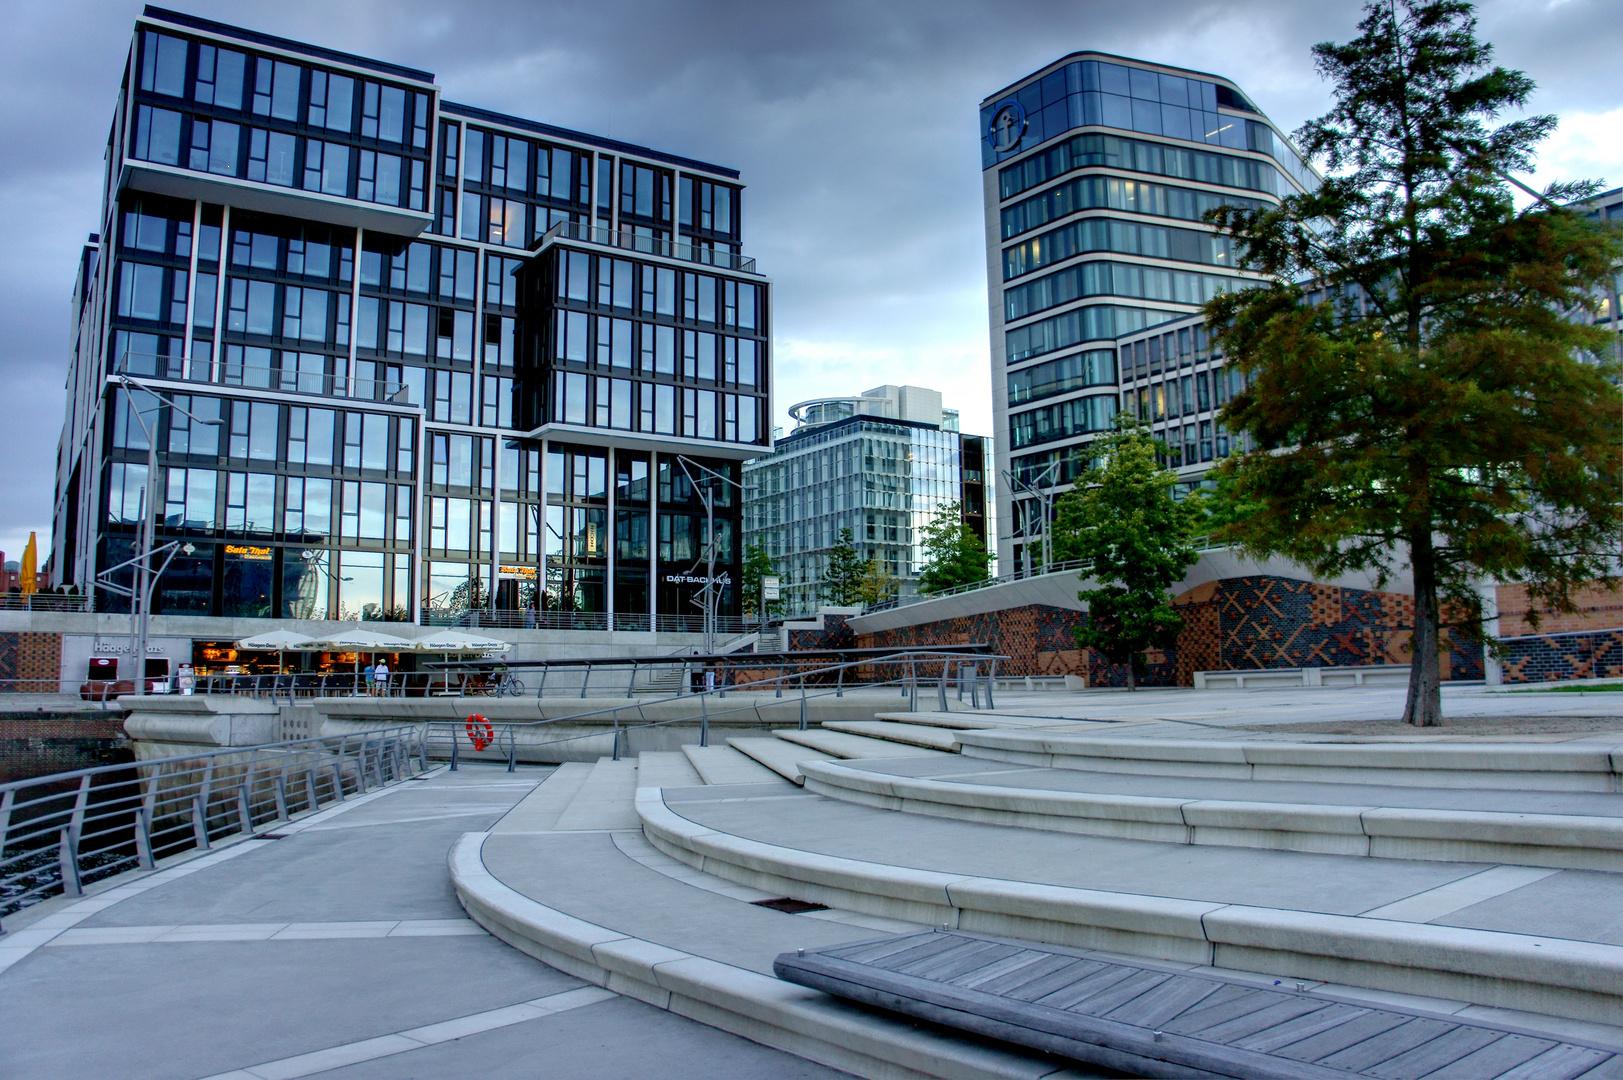 Hafencity hamburg foto bild architektur fotos motive bilder auf fotocommunity - Architektur hamburg ...